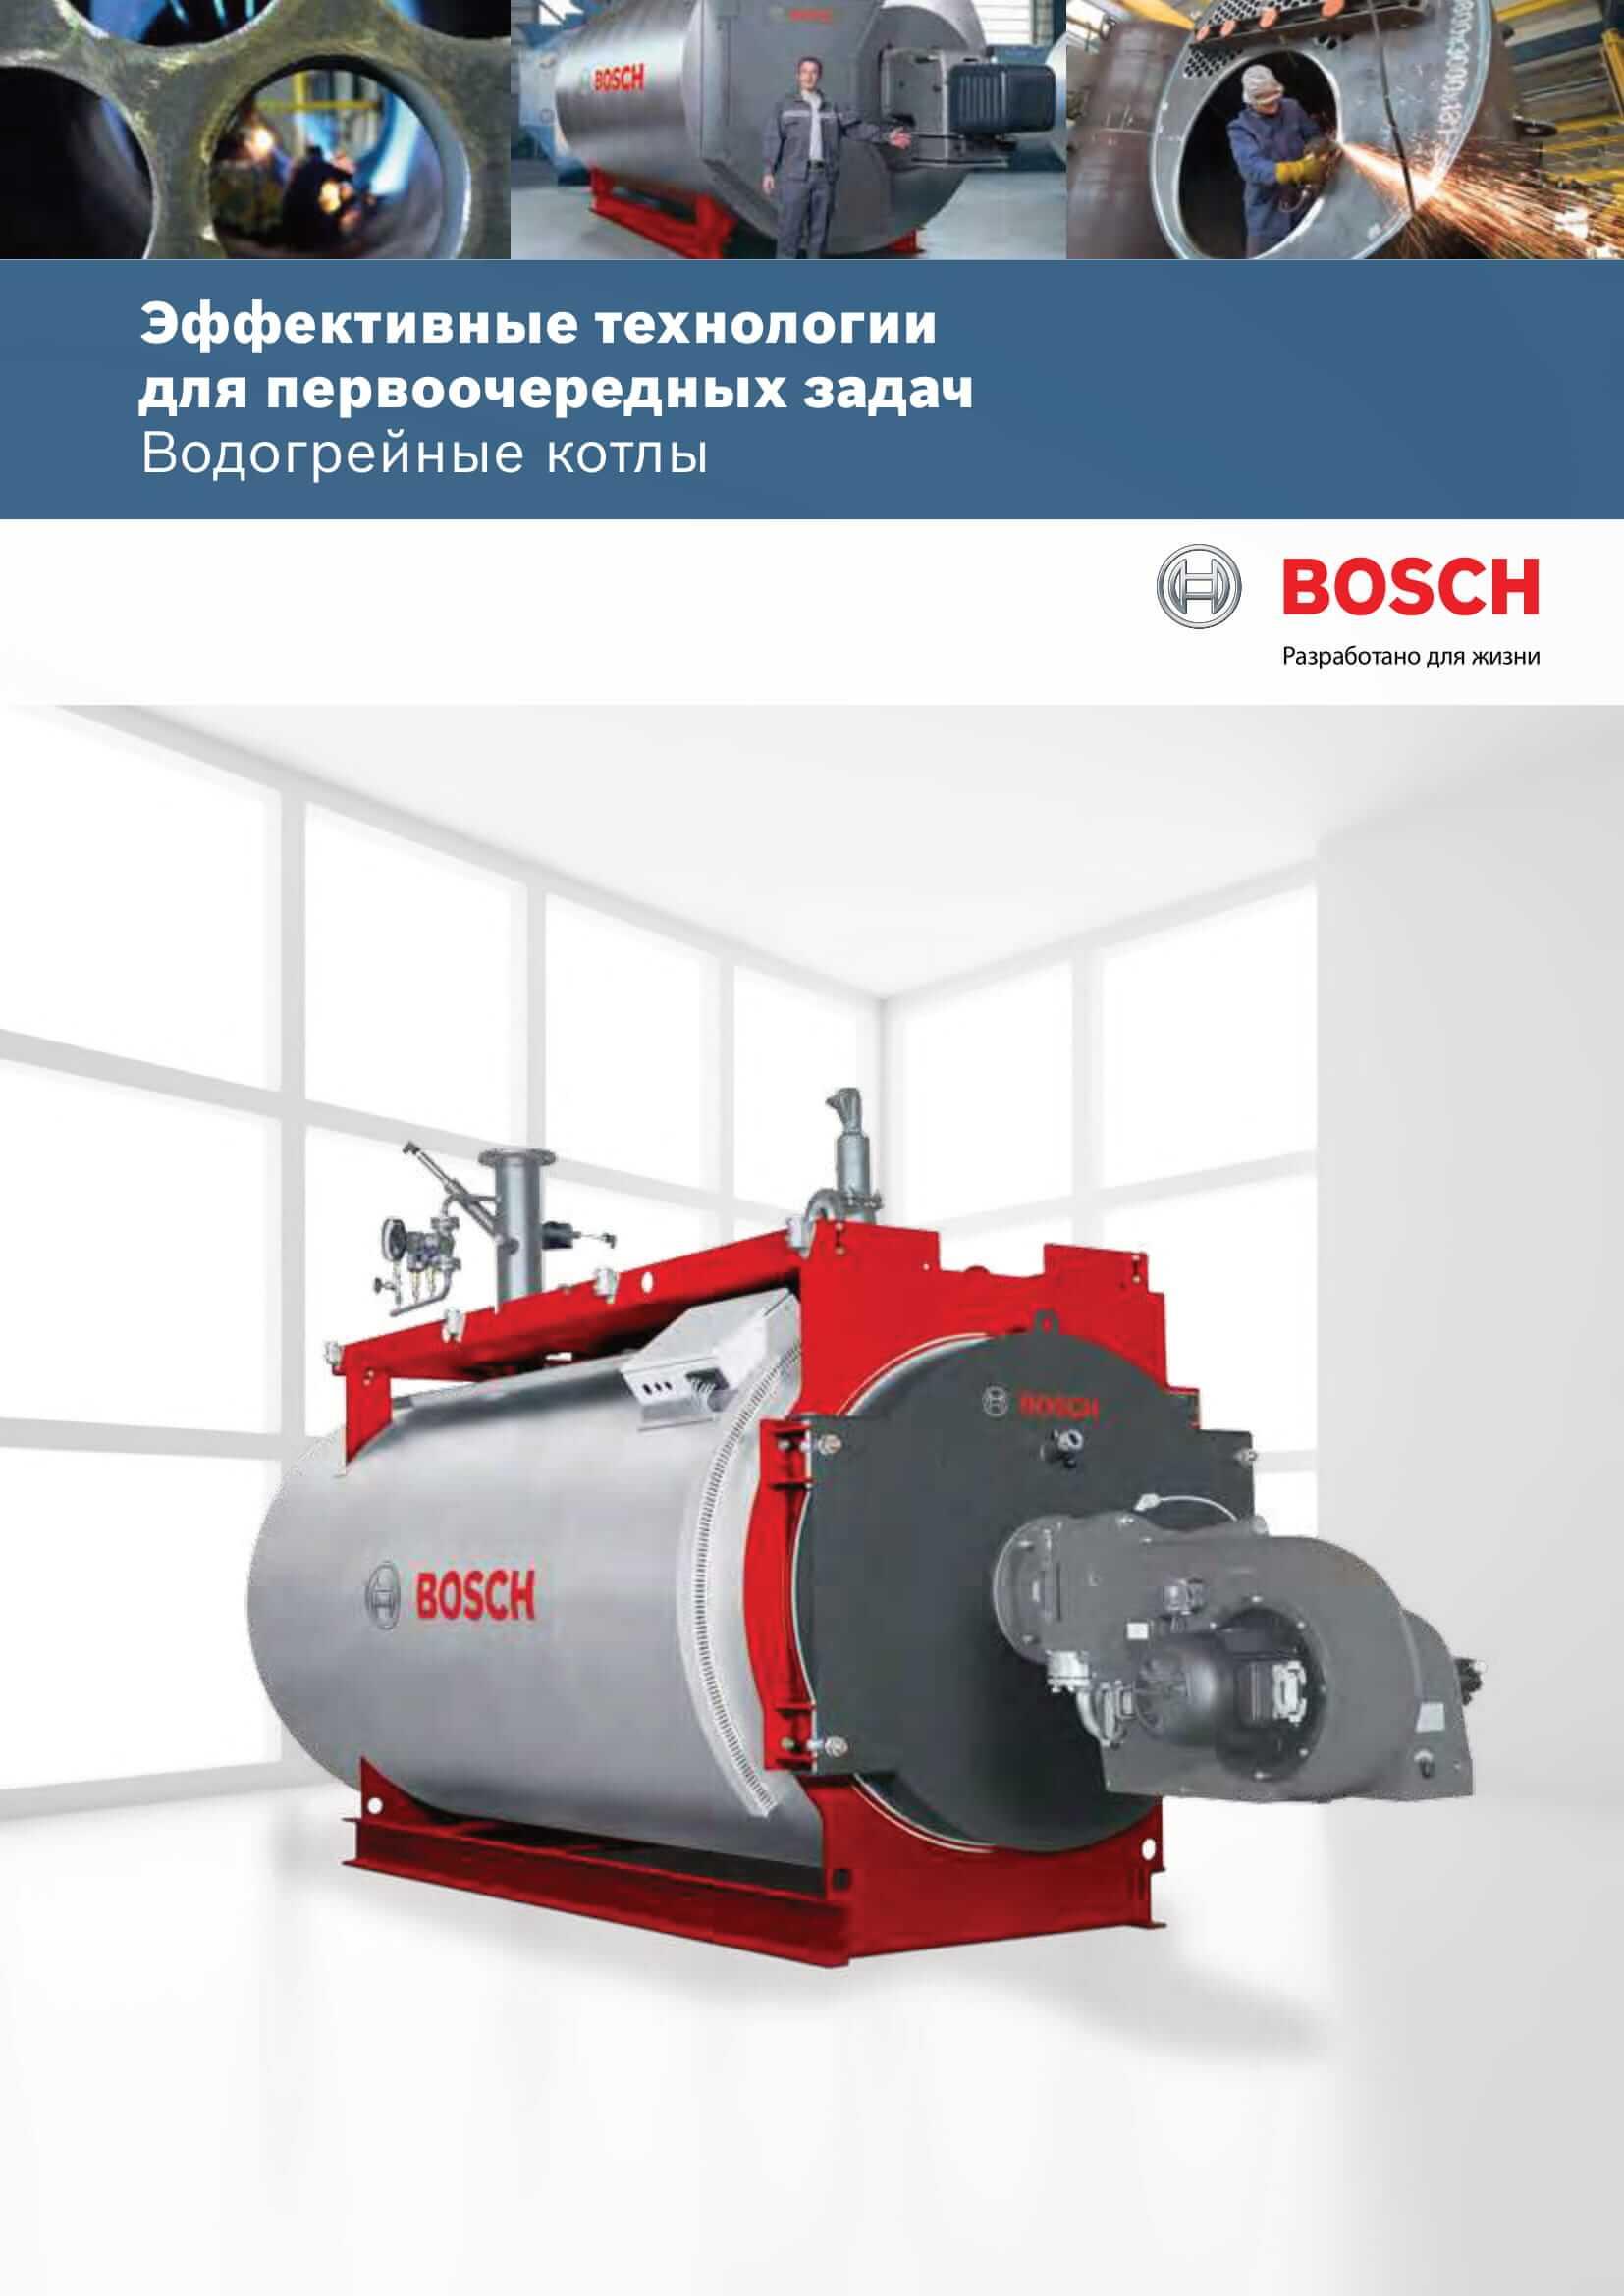 Фотография Водогрейные котлы Bosch брошюра